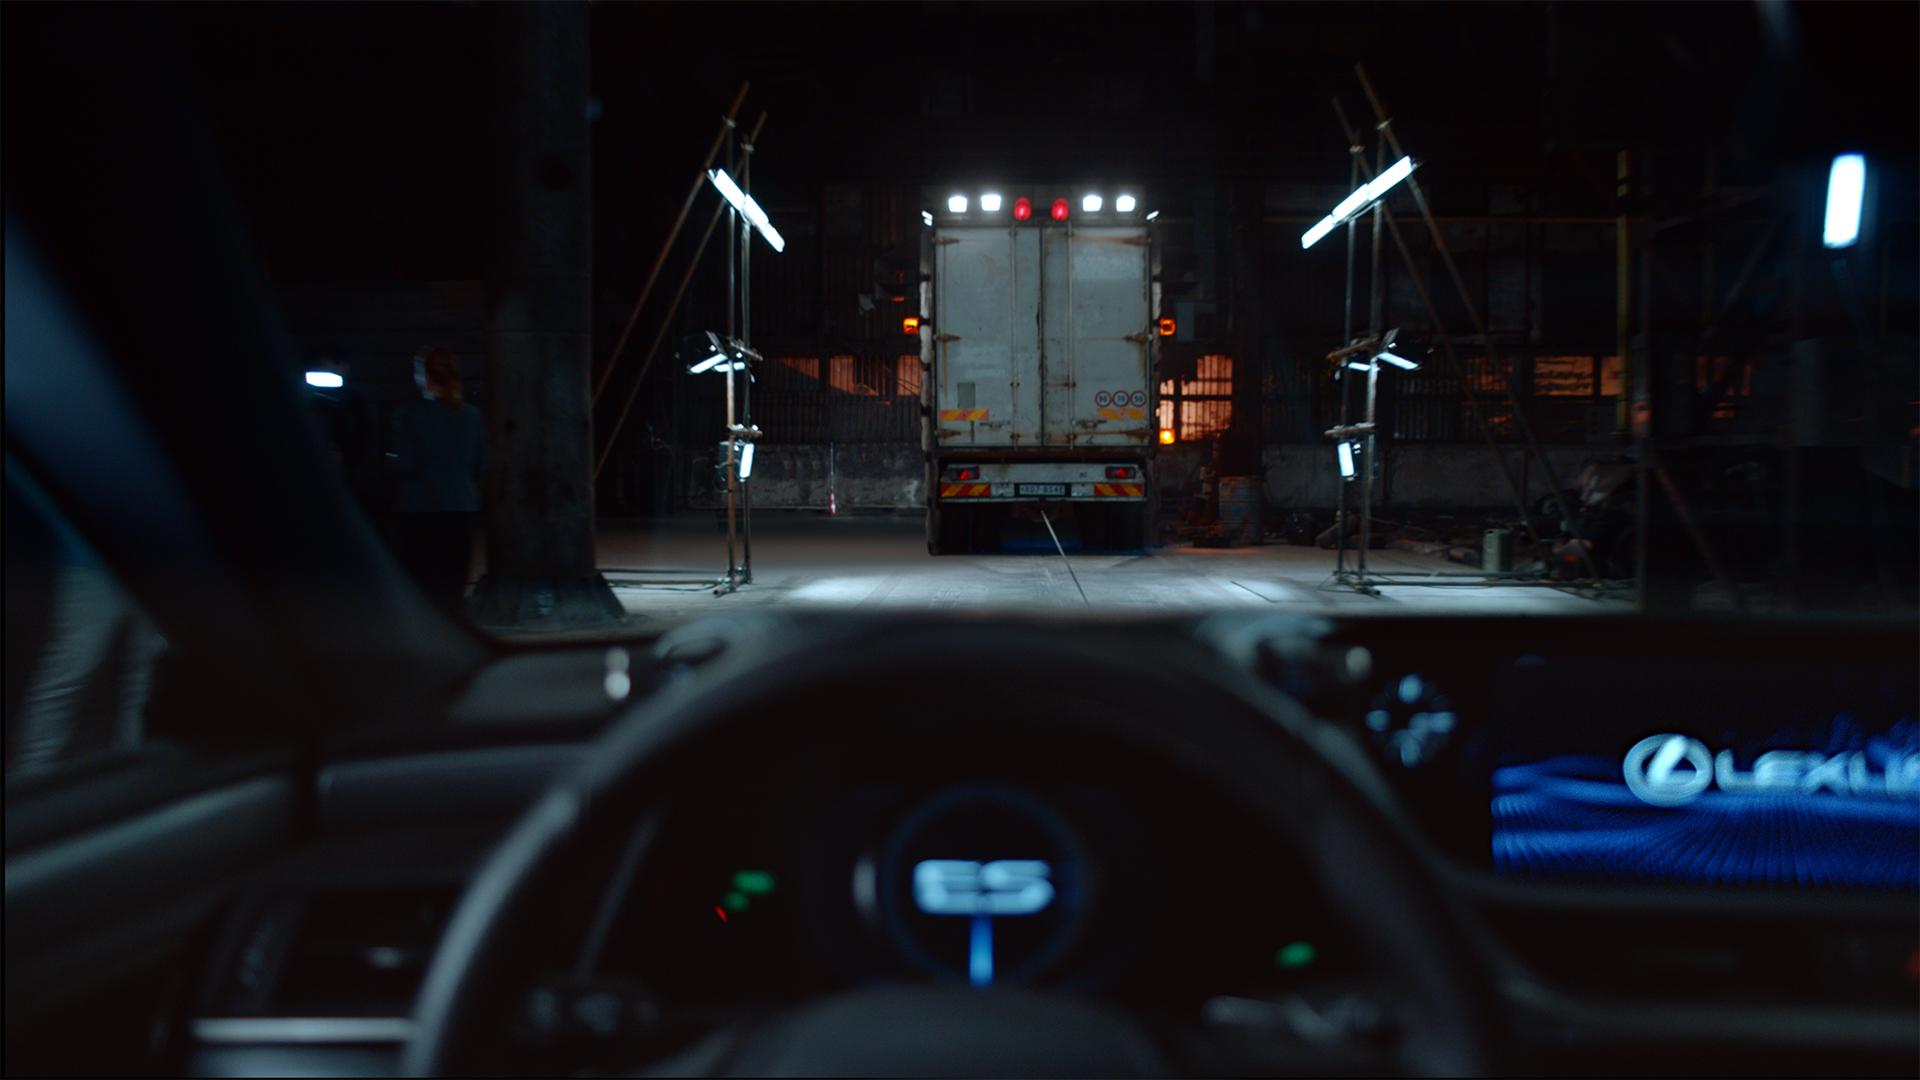 06 2019 021 Waarom Lexus meer dan een autofabrikant is 1920x1080 galerij